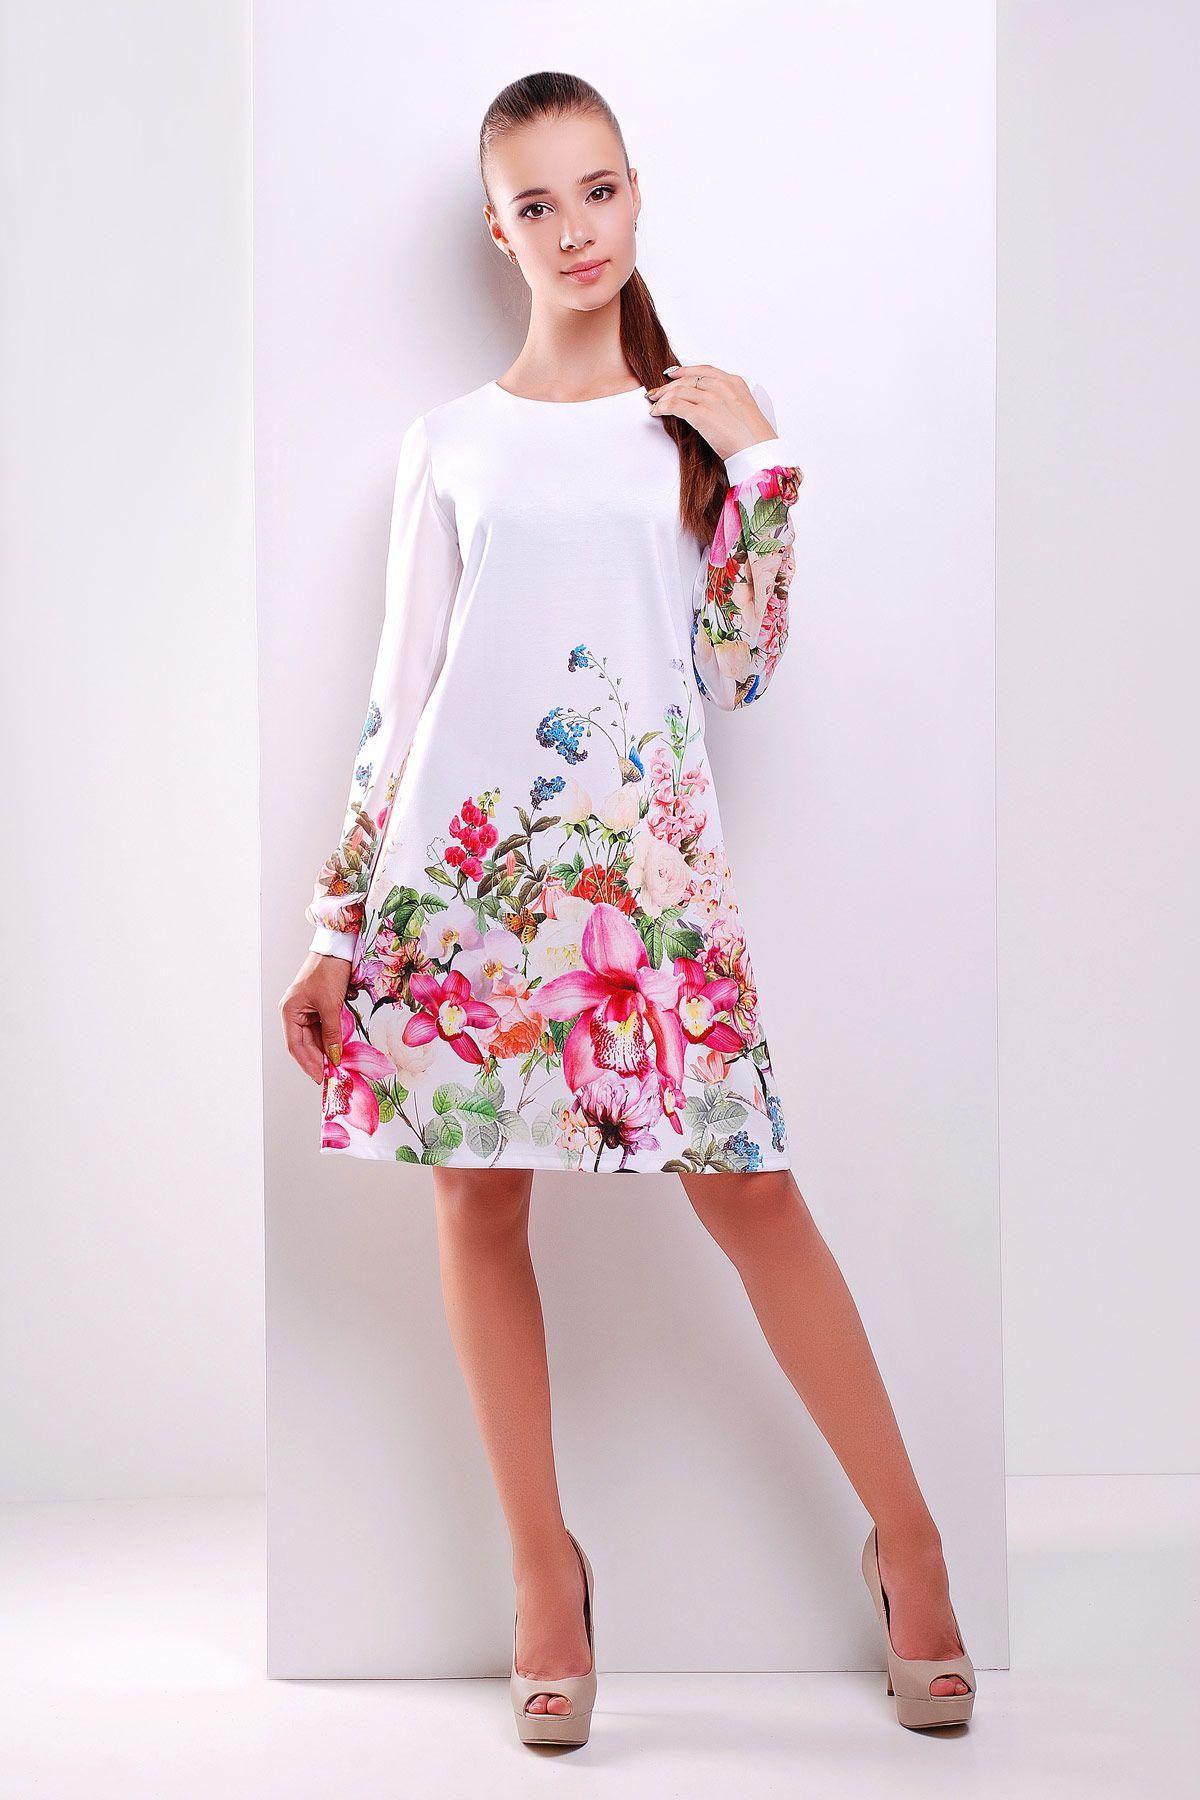 302c494cdb96317 Белое платье на весну-лето с цветочным принтом и шифоновыми рукавами. Белый  букет платье Тана-1Ф (шифон) д/р. Цвет: принт